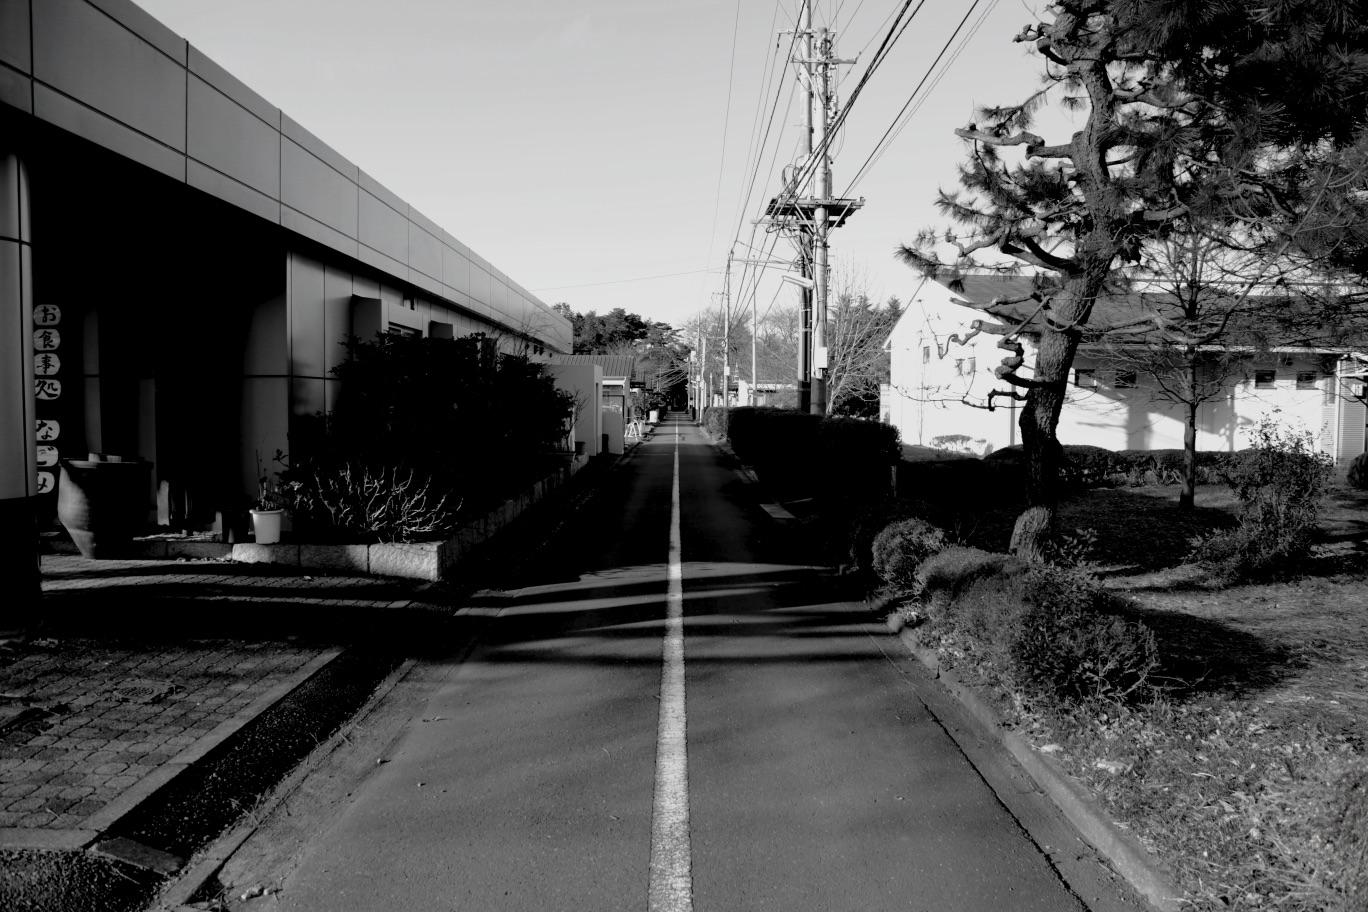 支援者メッセージ〈栗山和久さん〉(3) | ハンセン病資料館 不当解雇 ...